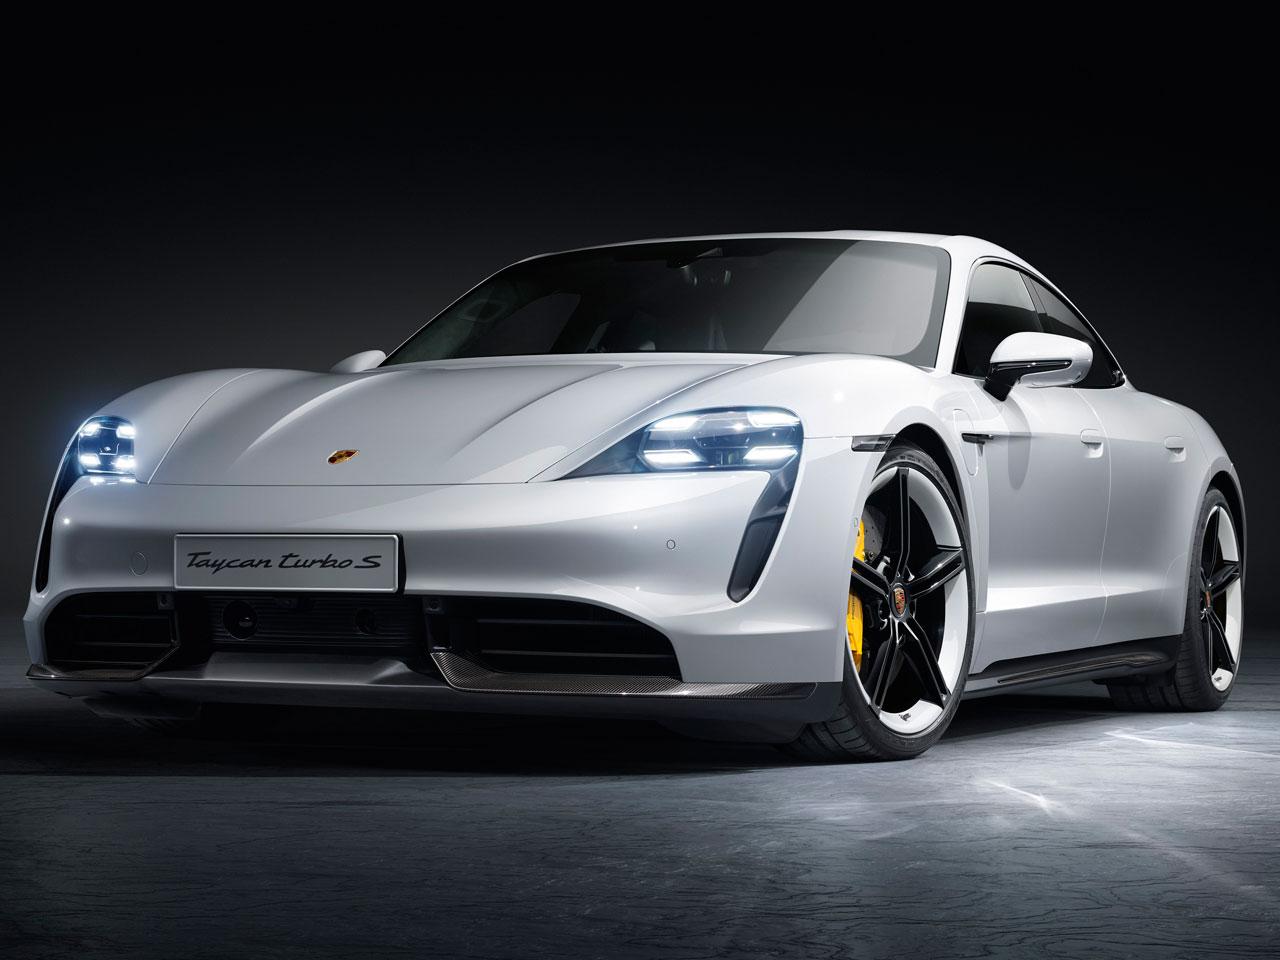 ポルシェ タイカン 2020年モデル 新車画像